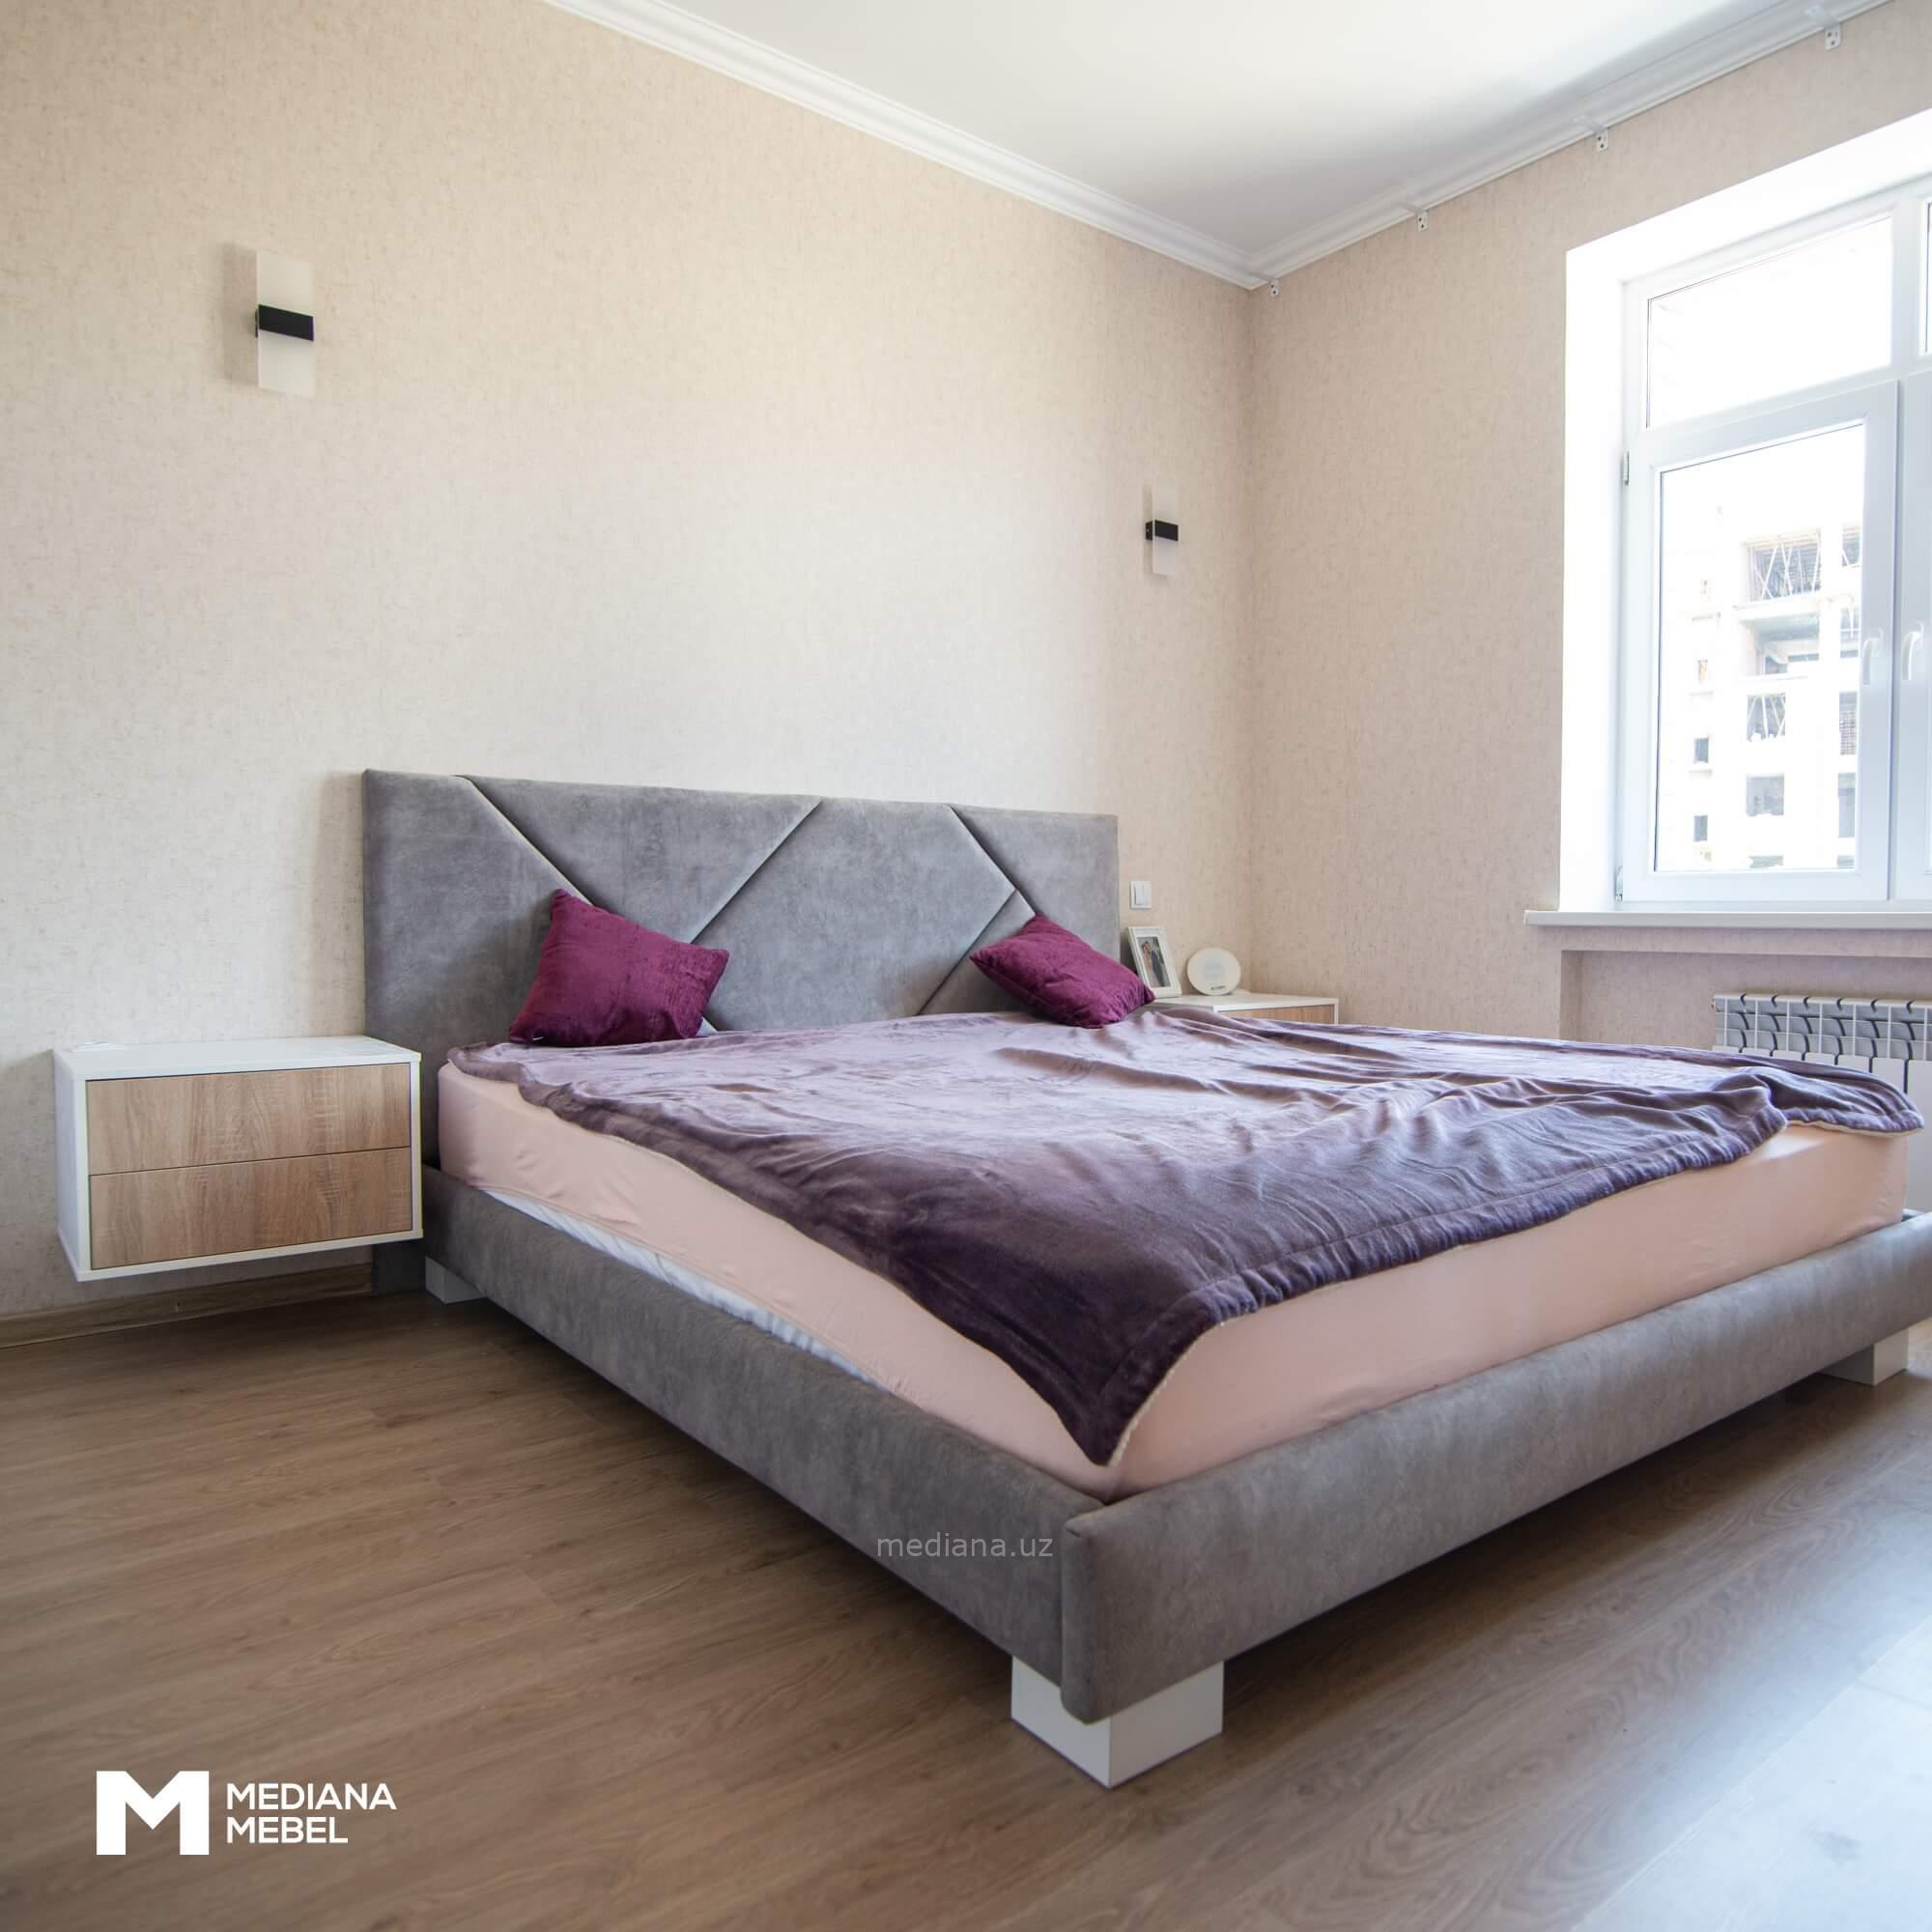 Спальный гарнитур - мебель на заказ в Ташкенте